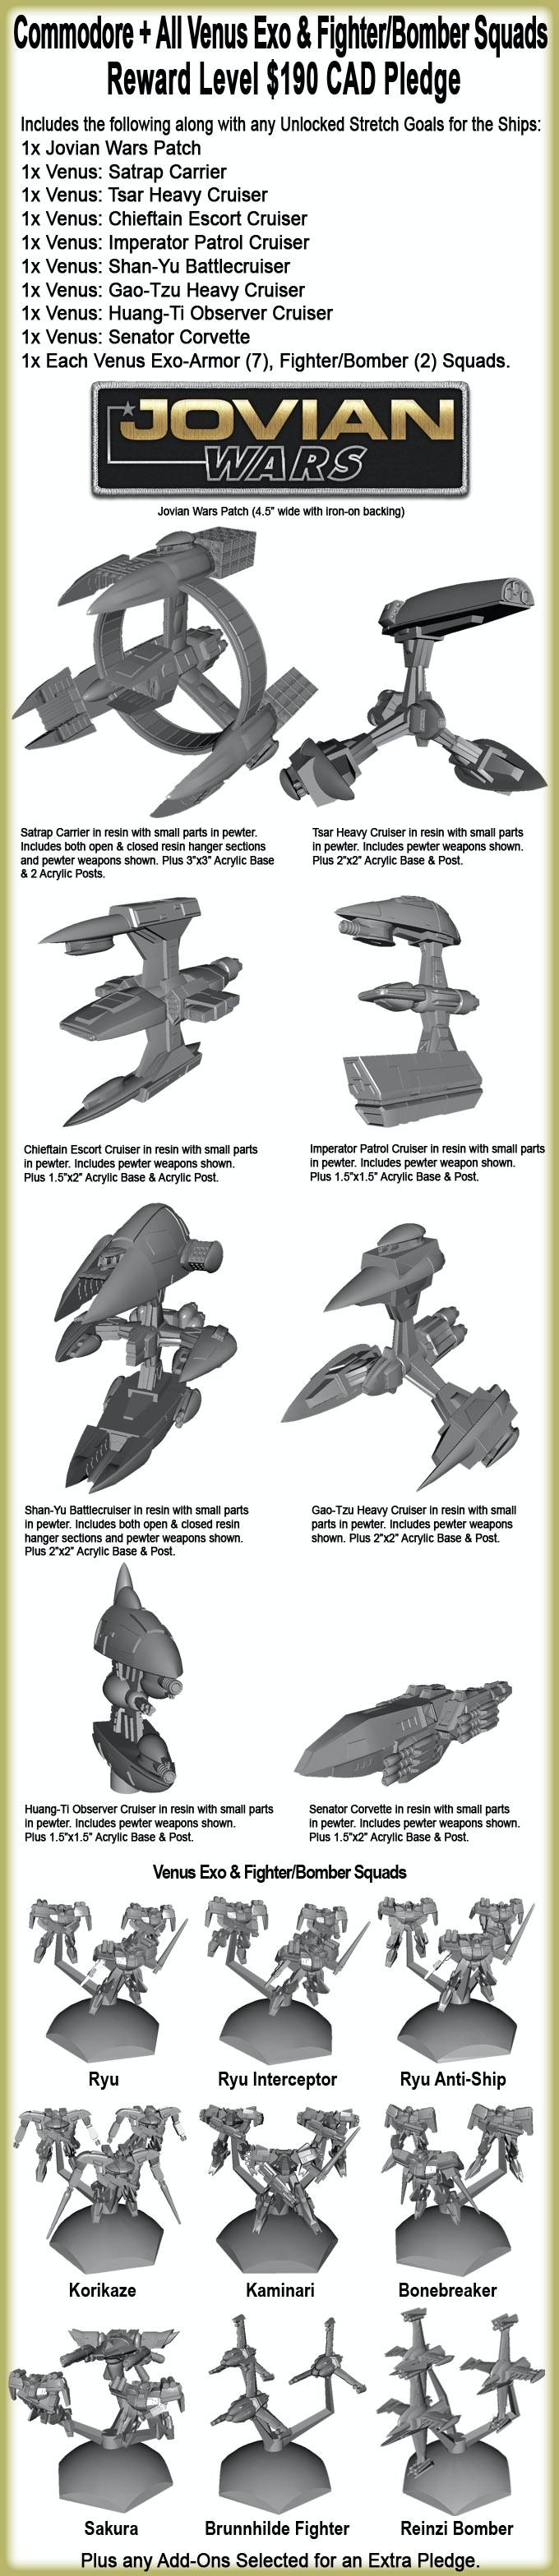 Commodore + All Venus Exo & Fighter/Bomber Squads Reward Level.